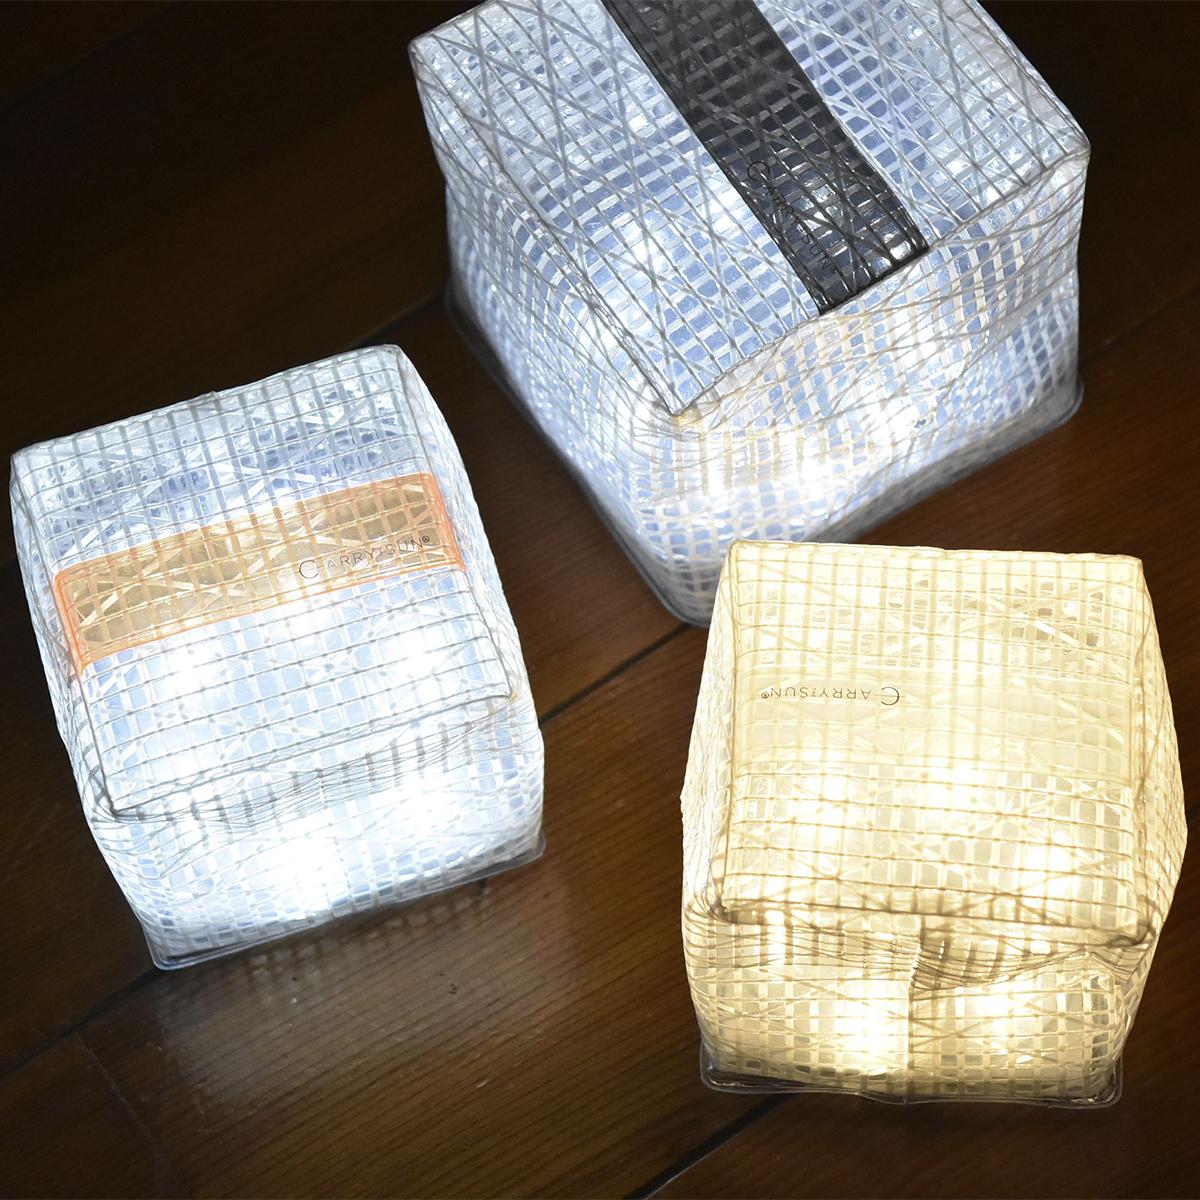 ペタンコに畳めるからバッグやポケットに入れてもかさばらない。薄さ1.2cmに畳める超軽量ソーラー充電式ライト(ランタン)で、いつも太陽の光がそばに|carry the sun